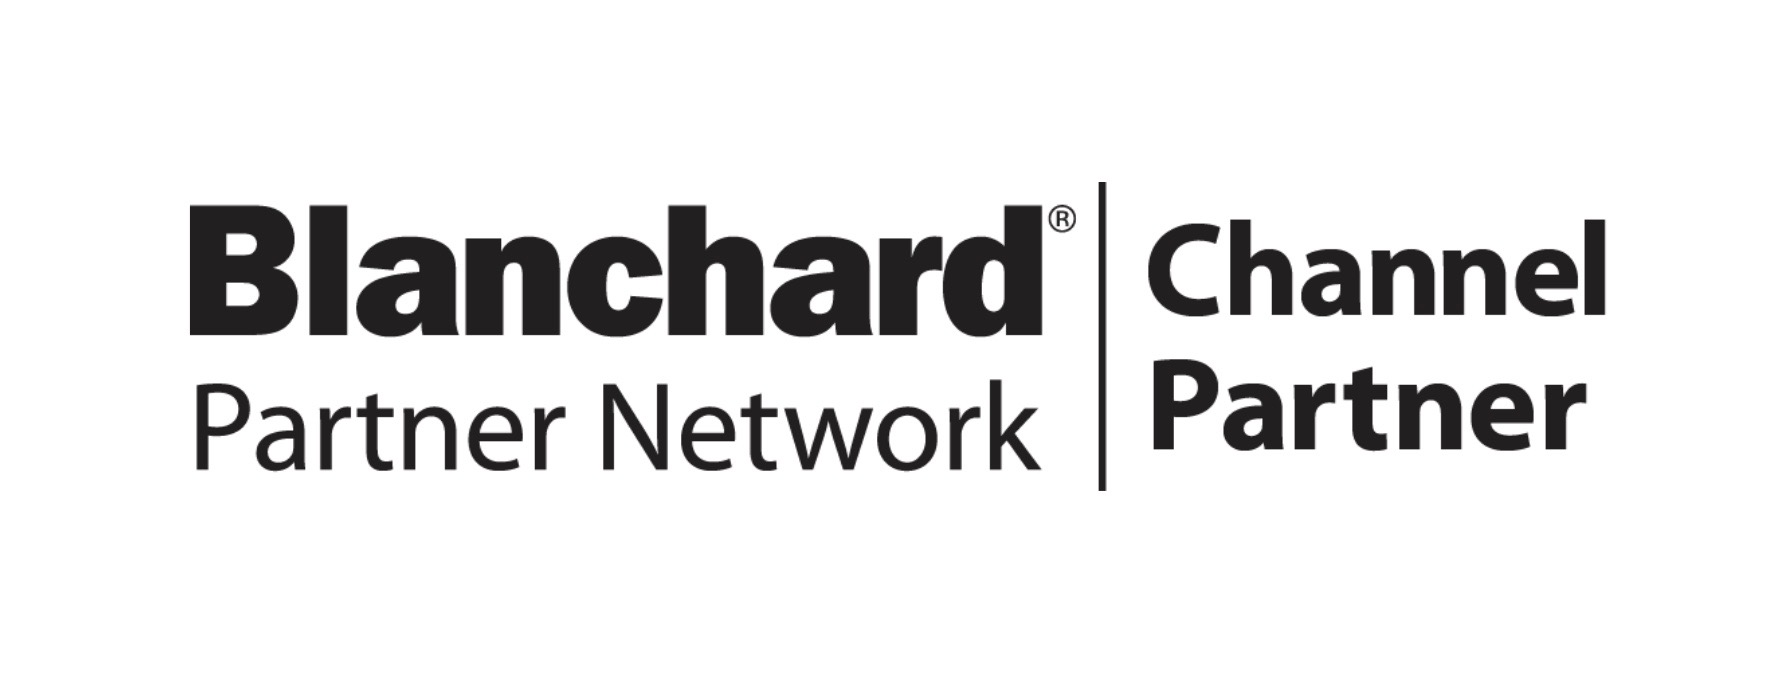 Logo Channel Partner Blanchard per la formazione manageriale